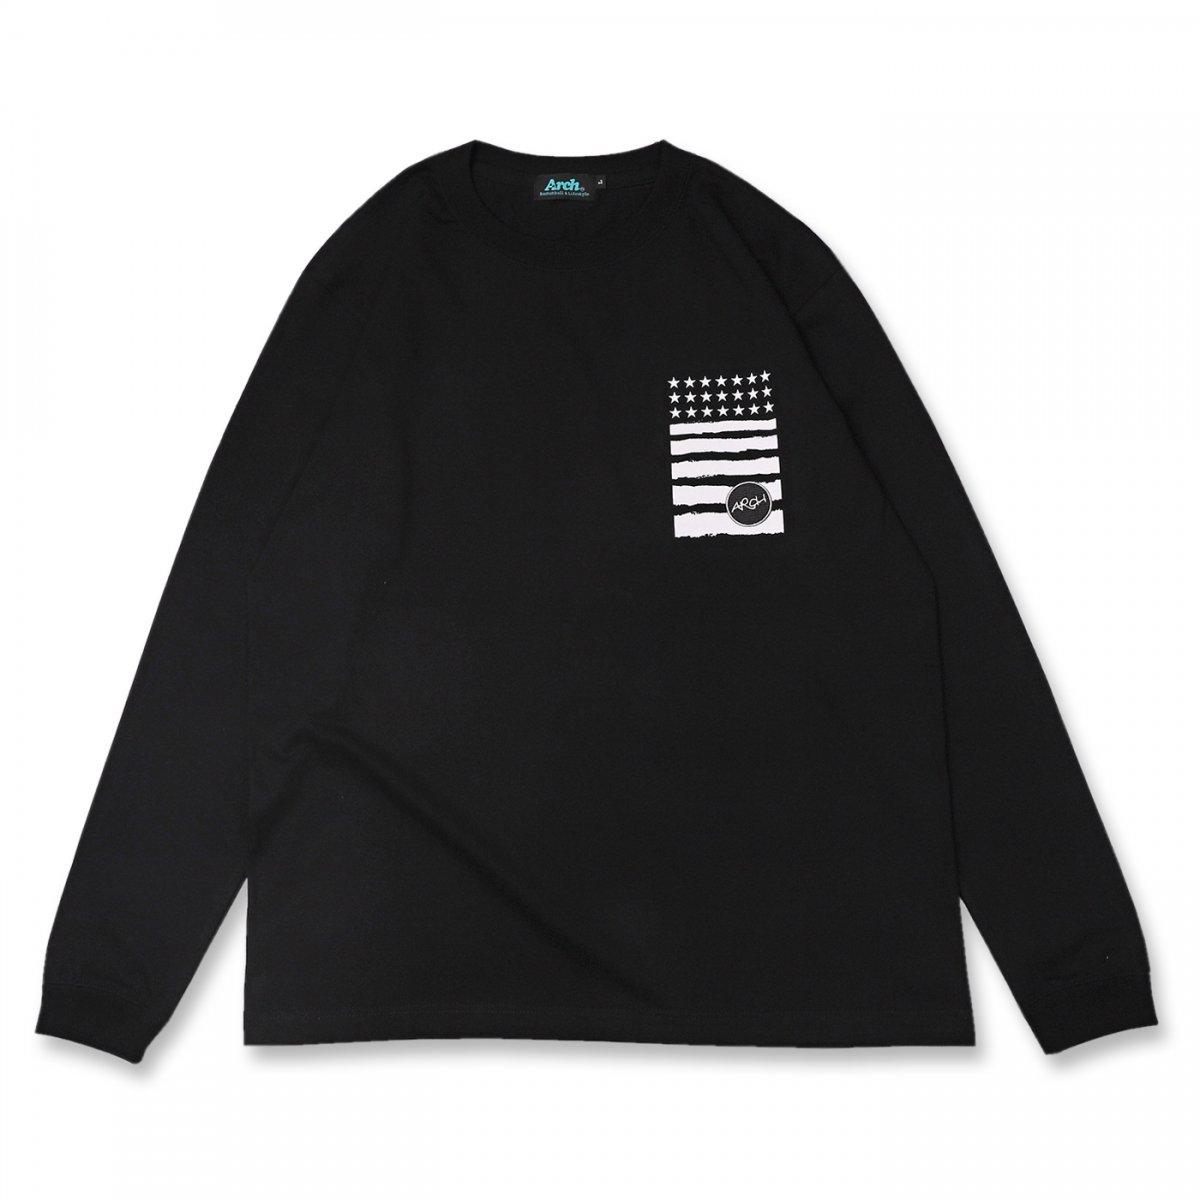 バスケ アーチ レタードロゴ ロングスリーブTシャツ ブラック